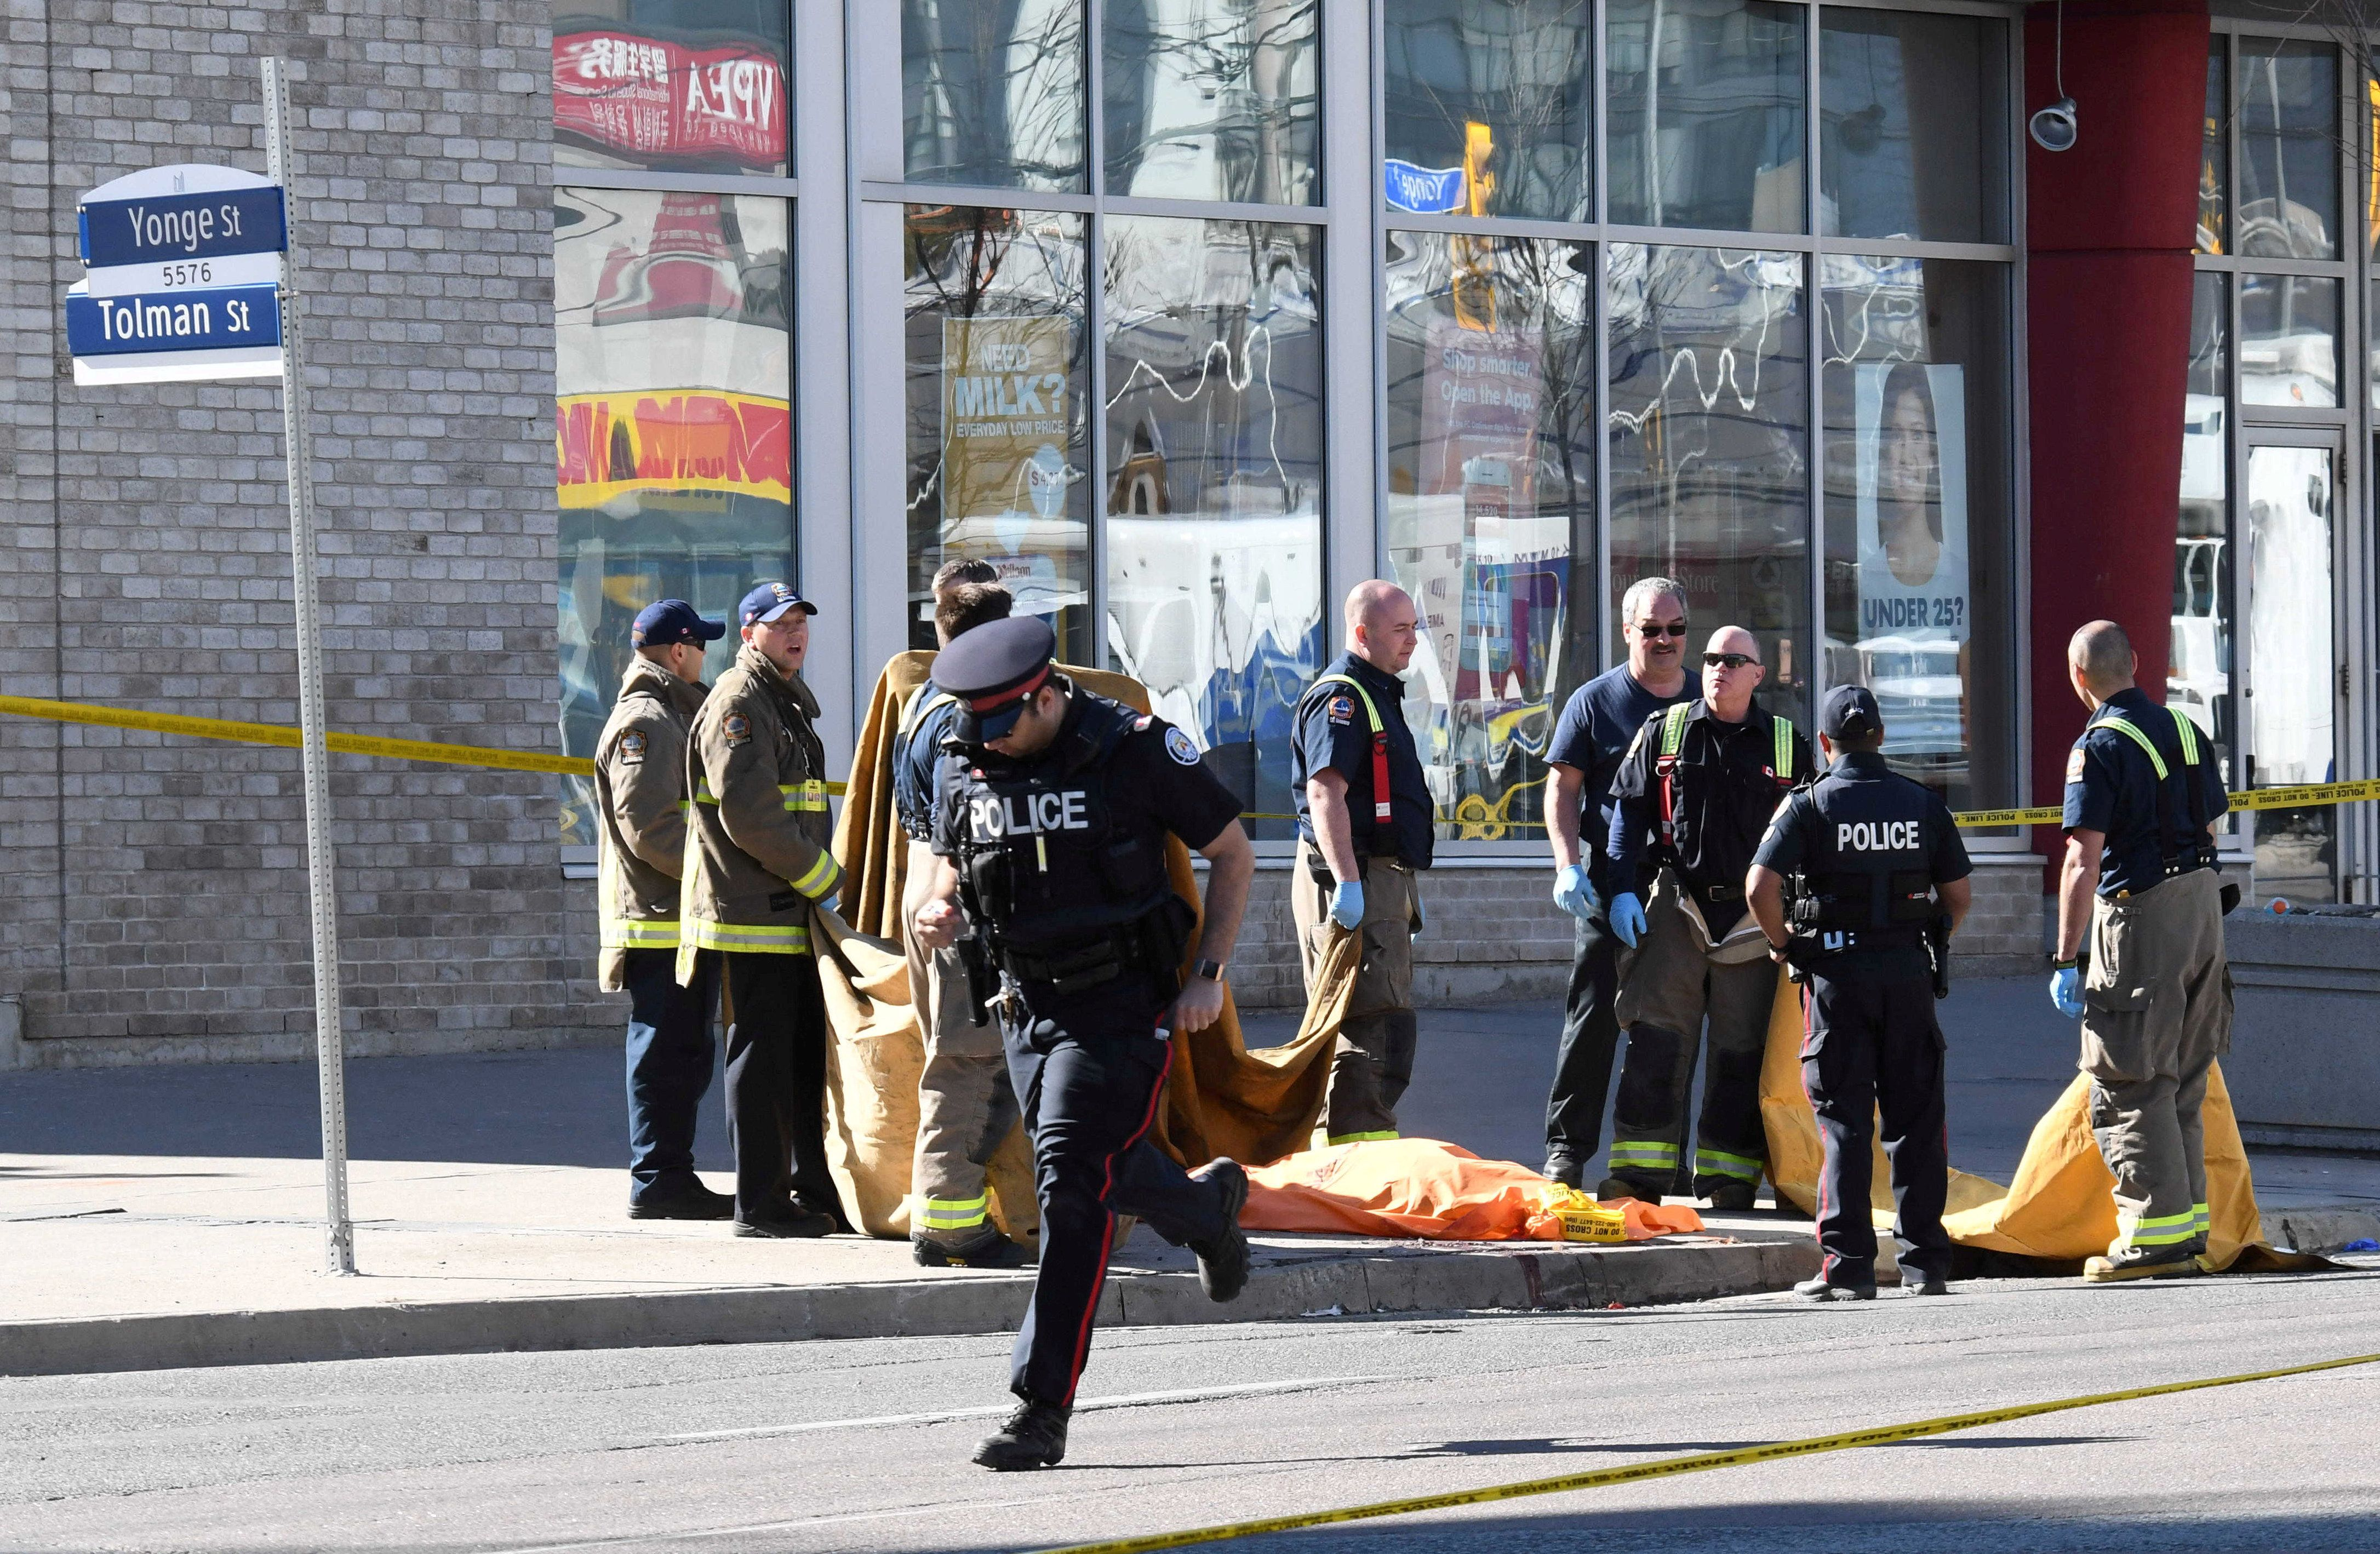 Une camionnette fonce sur la foule à Toronto, 10 morts et 15